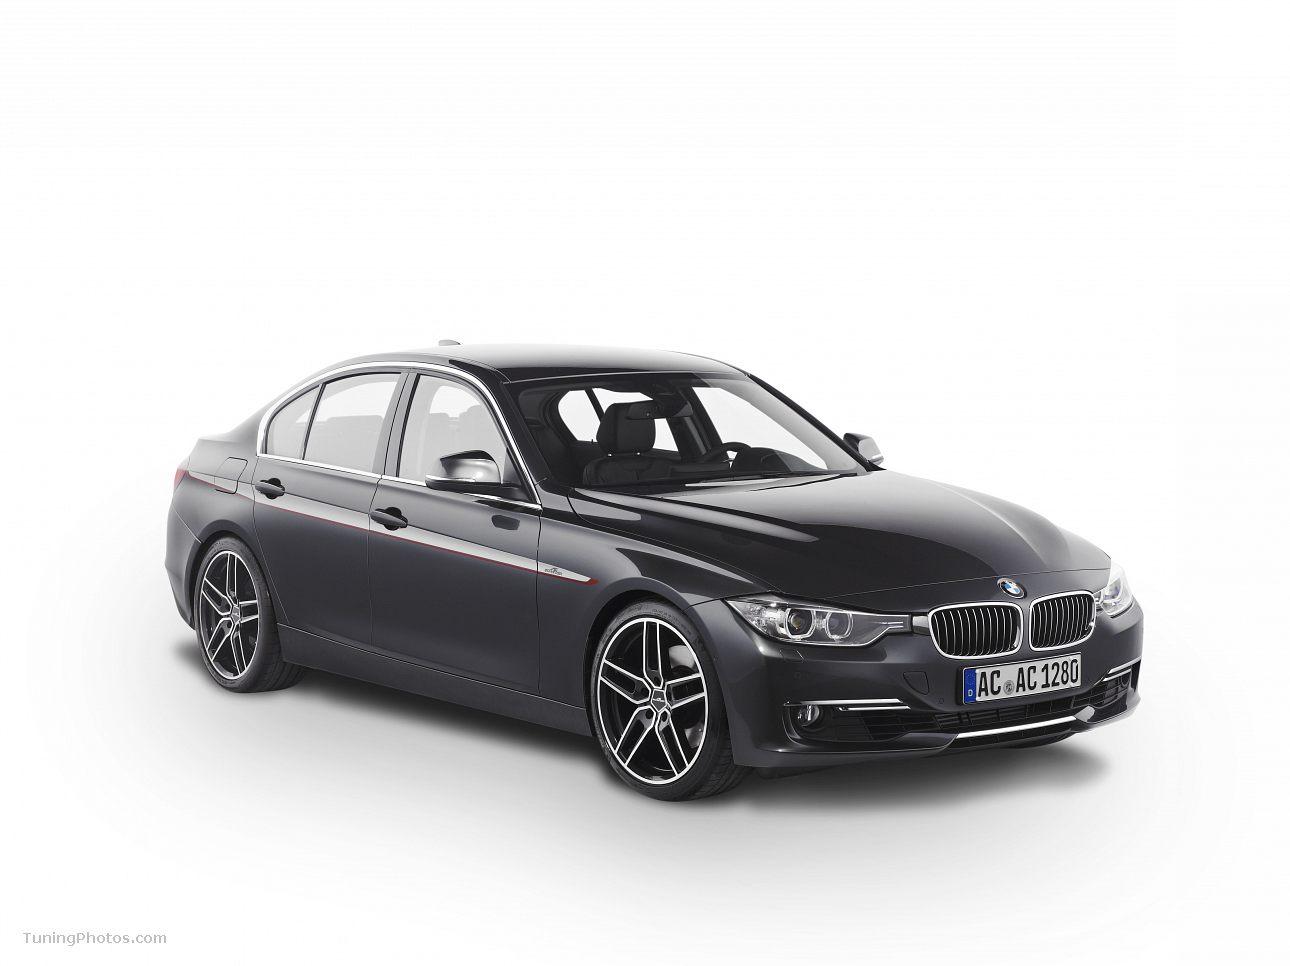 BMW 328i Automatic